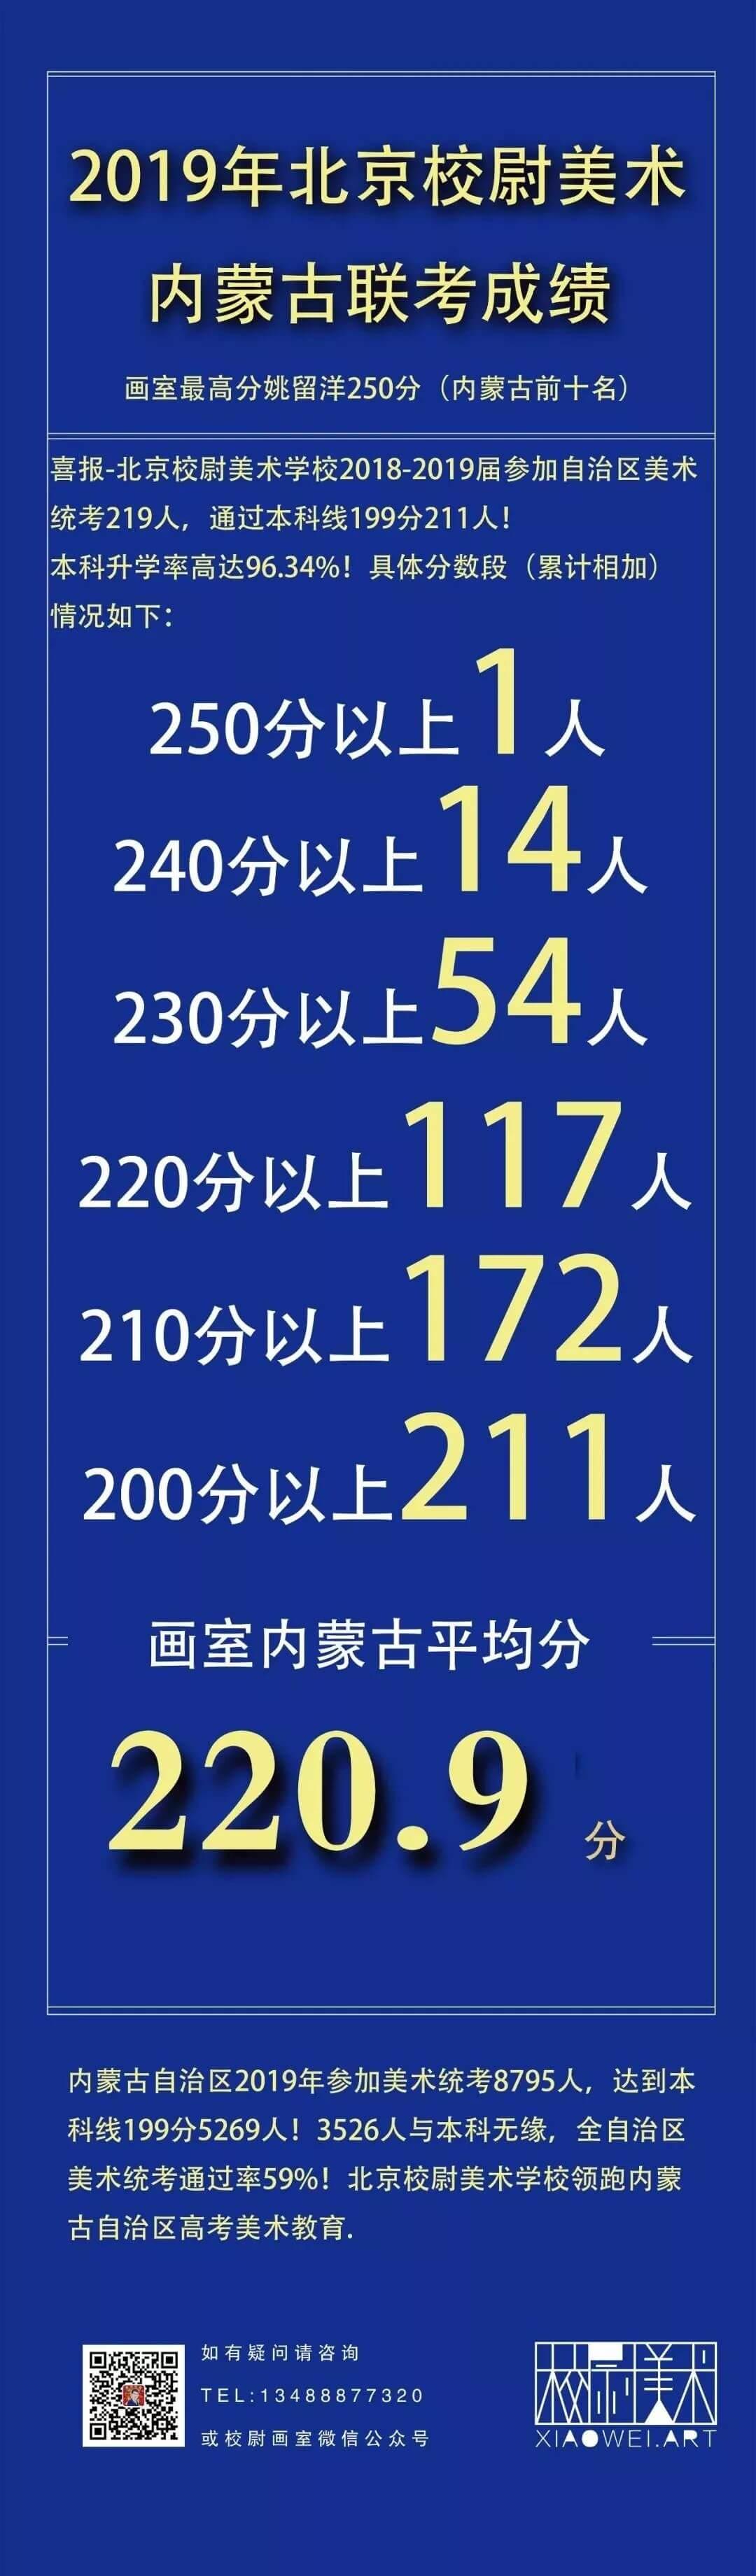 校尉画室:寒假班招生简章 | 预报名2020年集训豪礼重重!,北京画室,北京美术培训     28